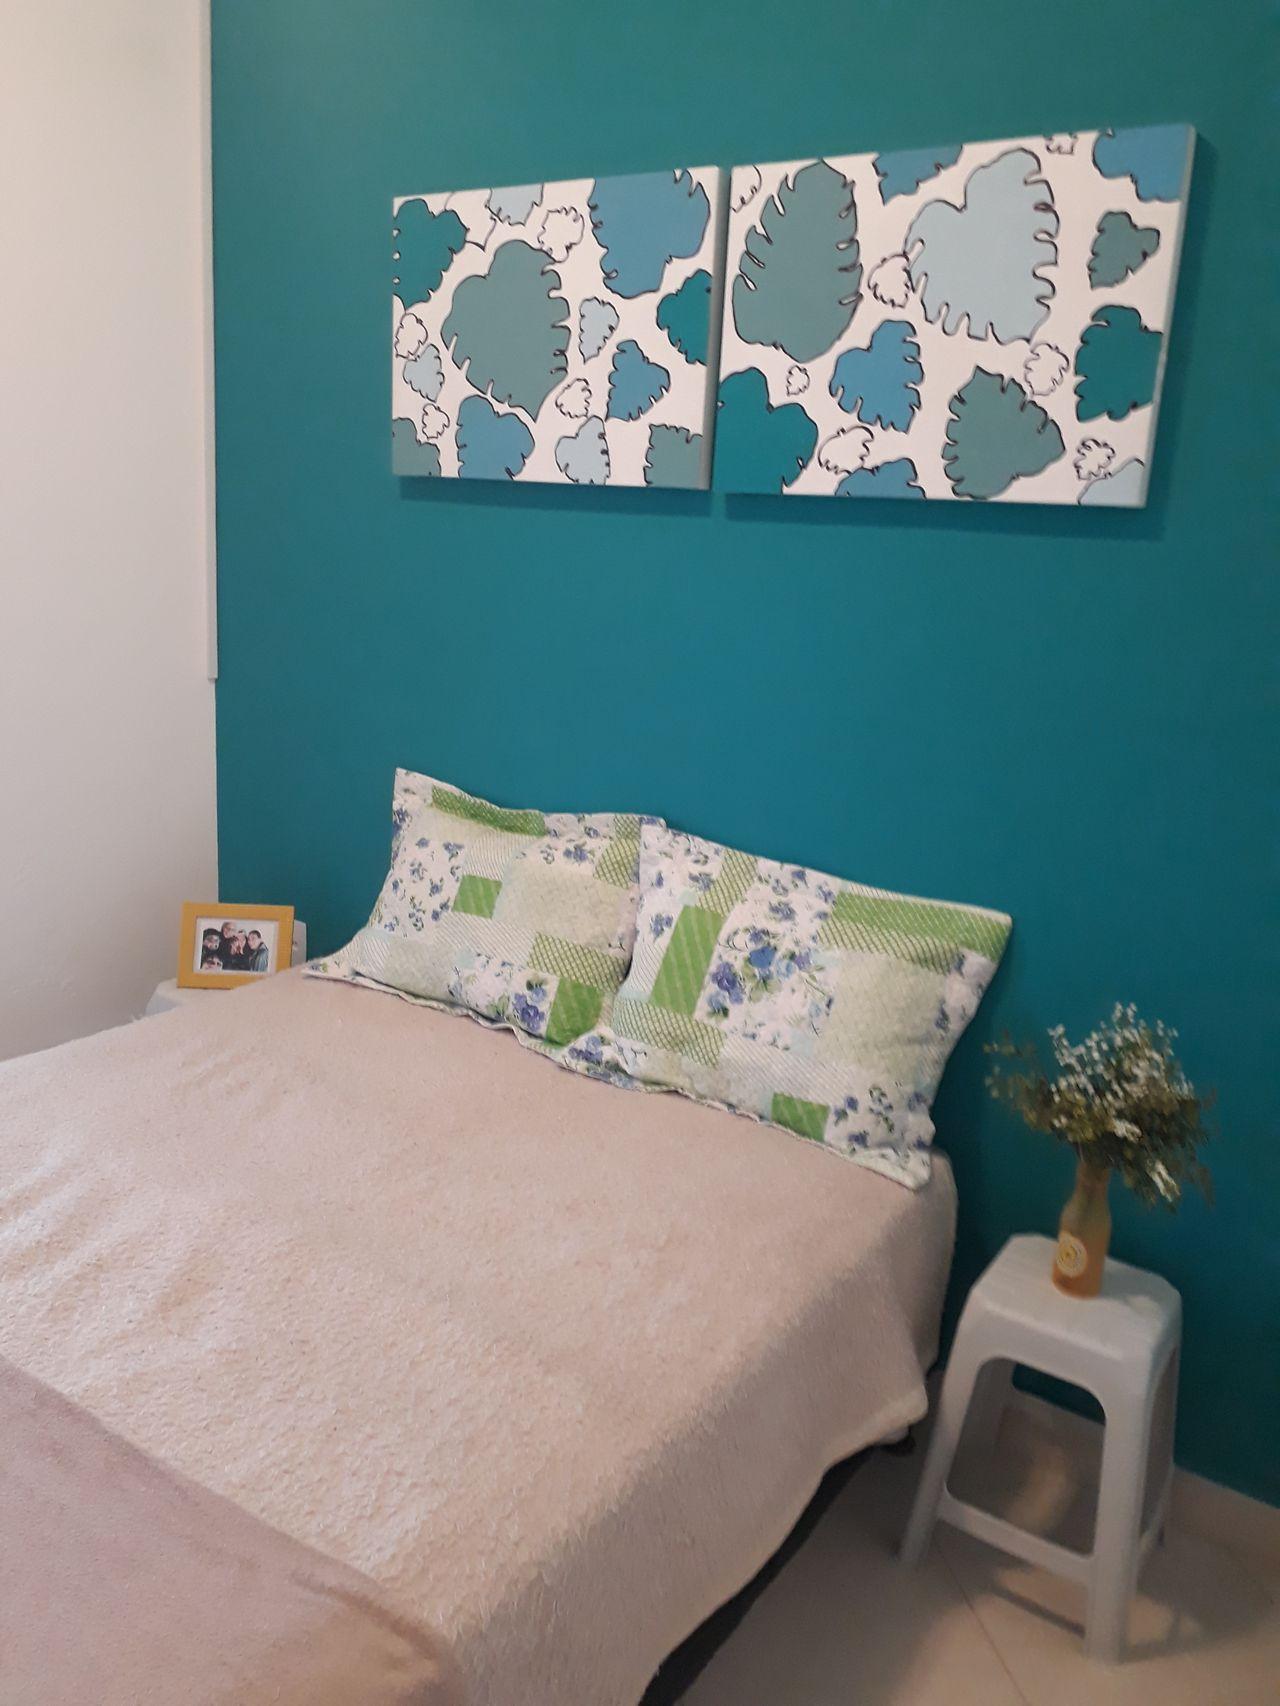 Azul Tiffany Na Parede De Sonia Mello 168692 No Viva Decora ~ Escritorio No Quarto De Casal E Quarto Casal Azul Tiffany